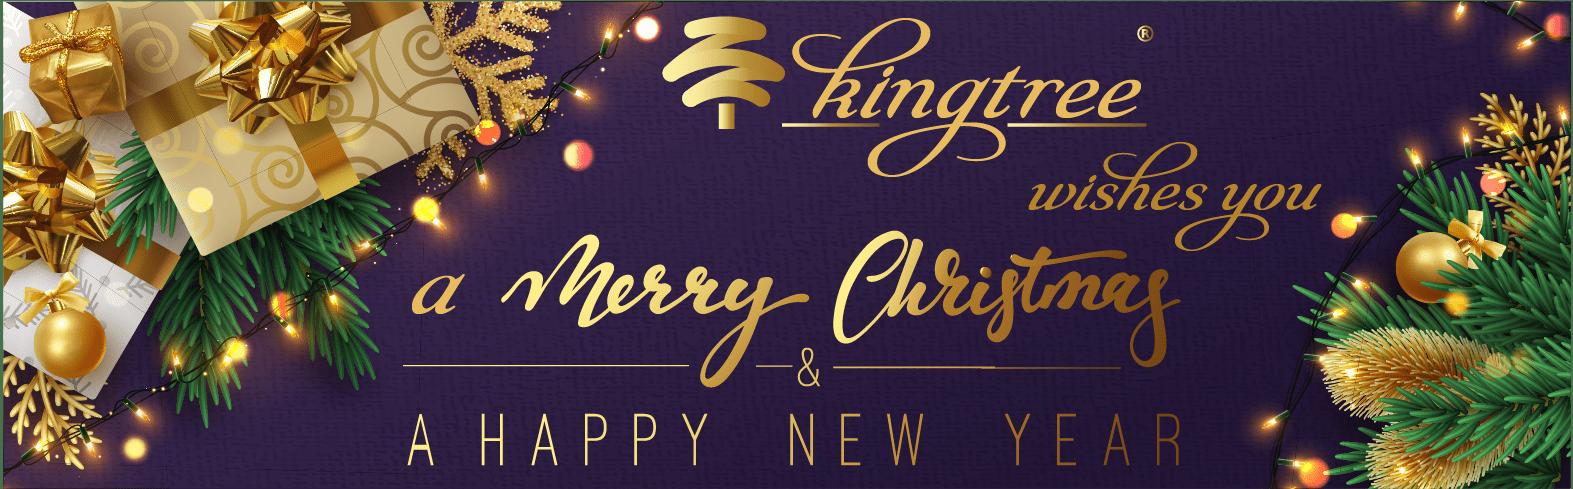 King Tree vous souhaite un Joyeux Noël et une Bonne Année !